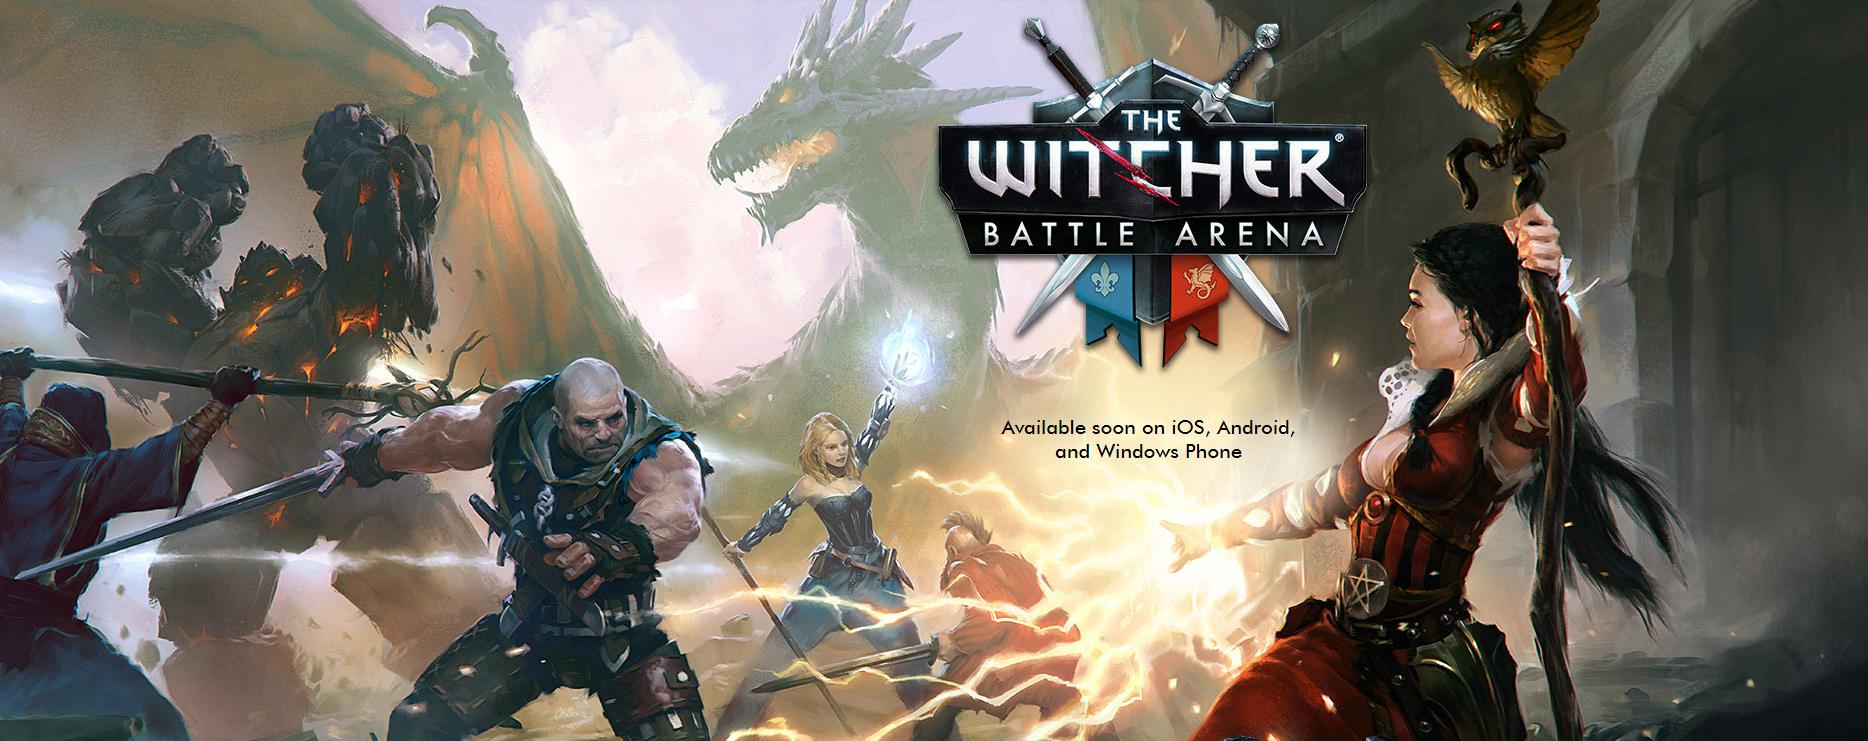 The Witcher Battle Arena za darmo na Androida oraz iOS. Można już pobierać